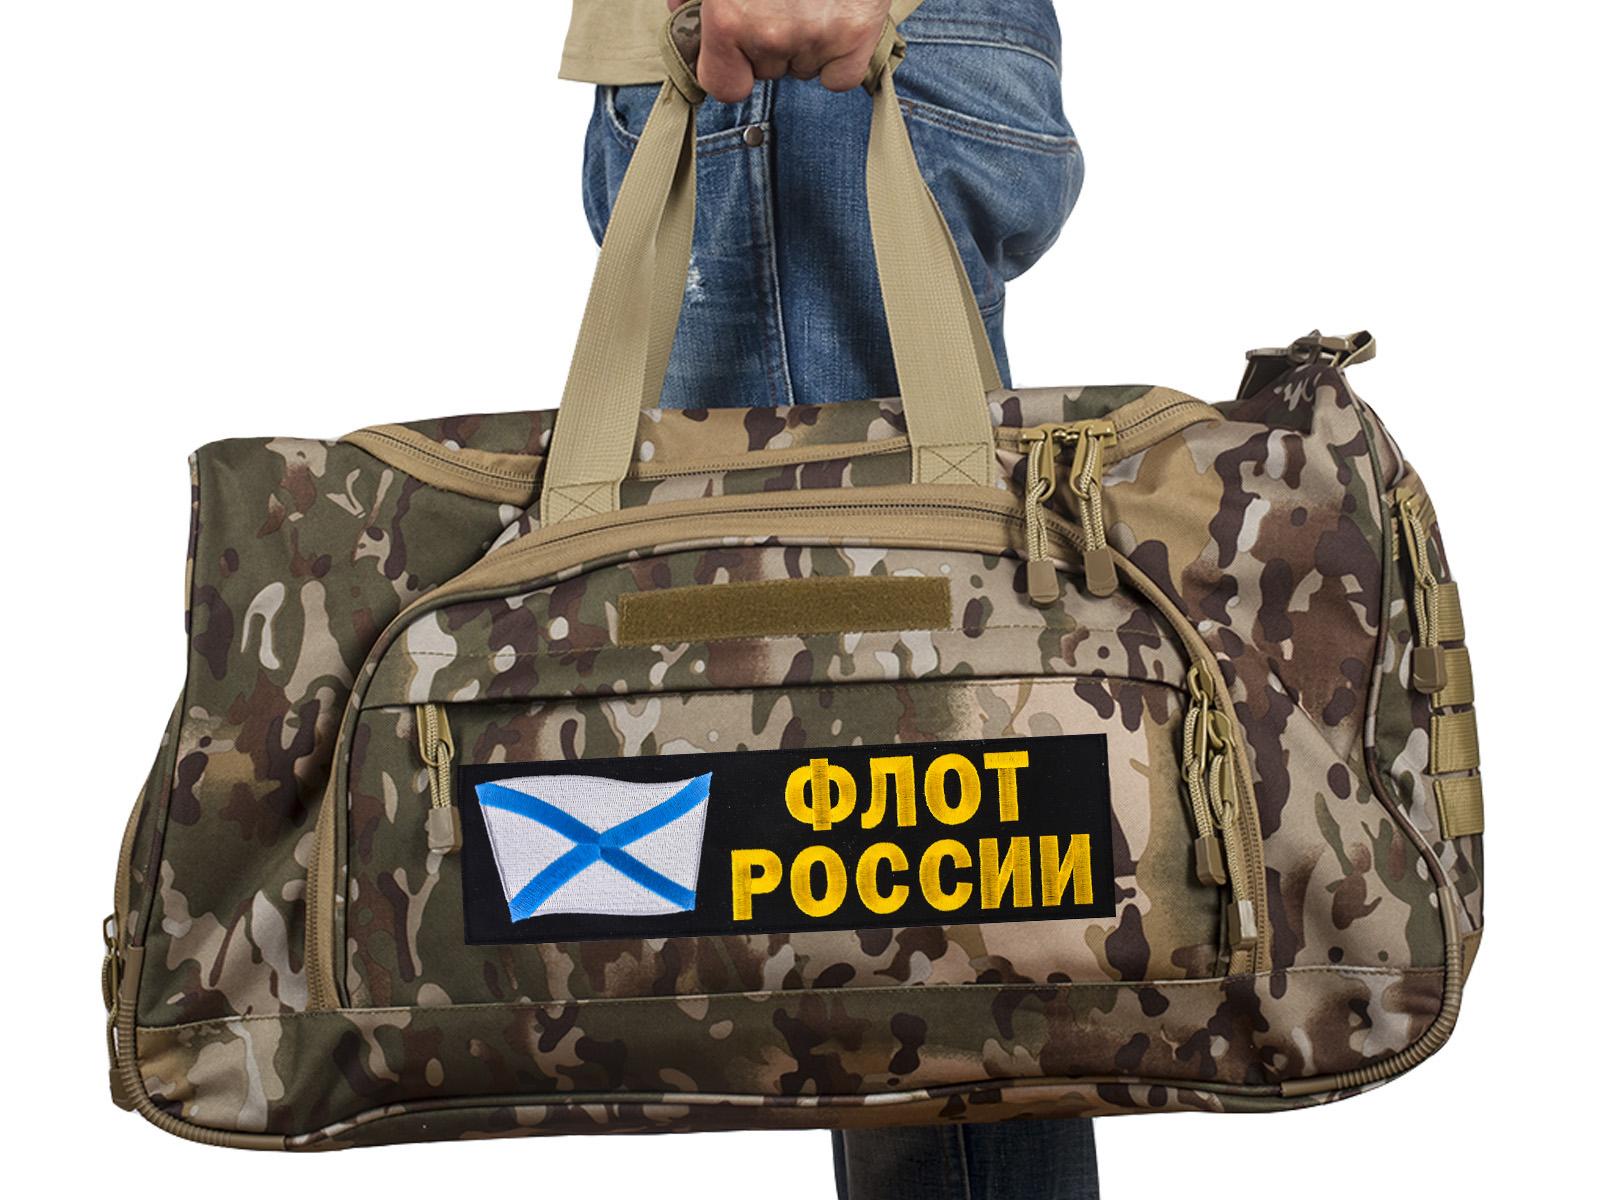 Купить тактическую полевую сумку 08032B с нашивкой Флот России оптом или в розницу